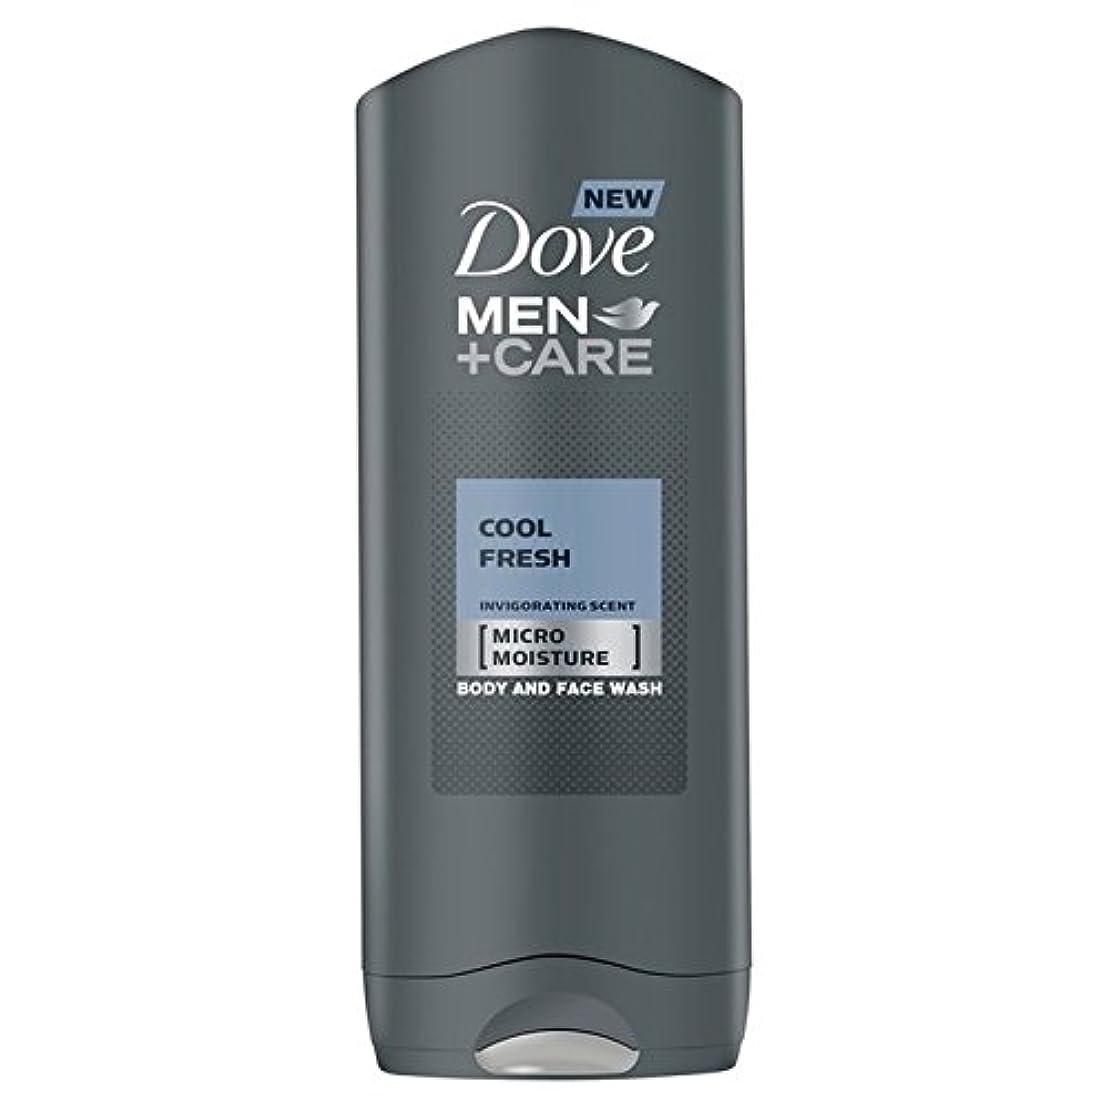 行進リンス担保クールフレッシュシャワージェル400ミリリットルケア+鳩の男性 x2 - Dove Men+Care Cool Fresh Shower Gel 400ml (Pack of 2) [並行輸入品]